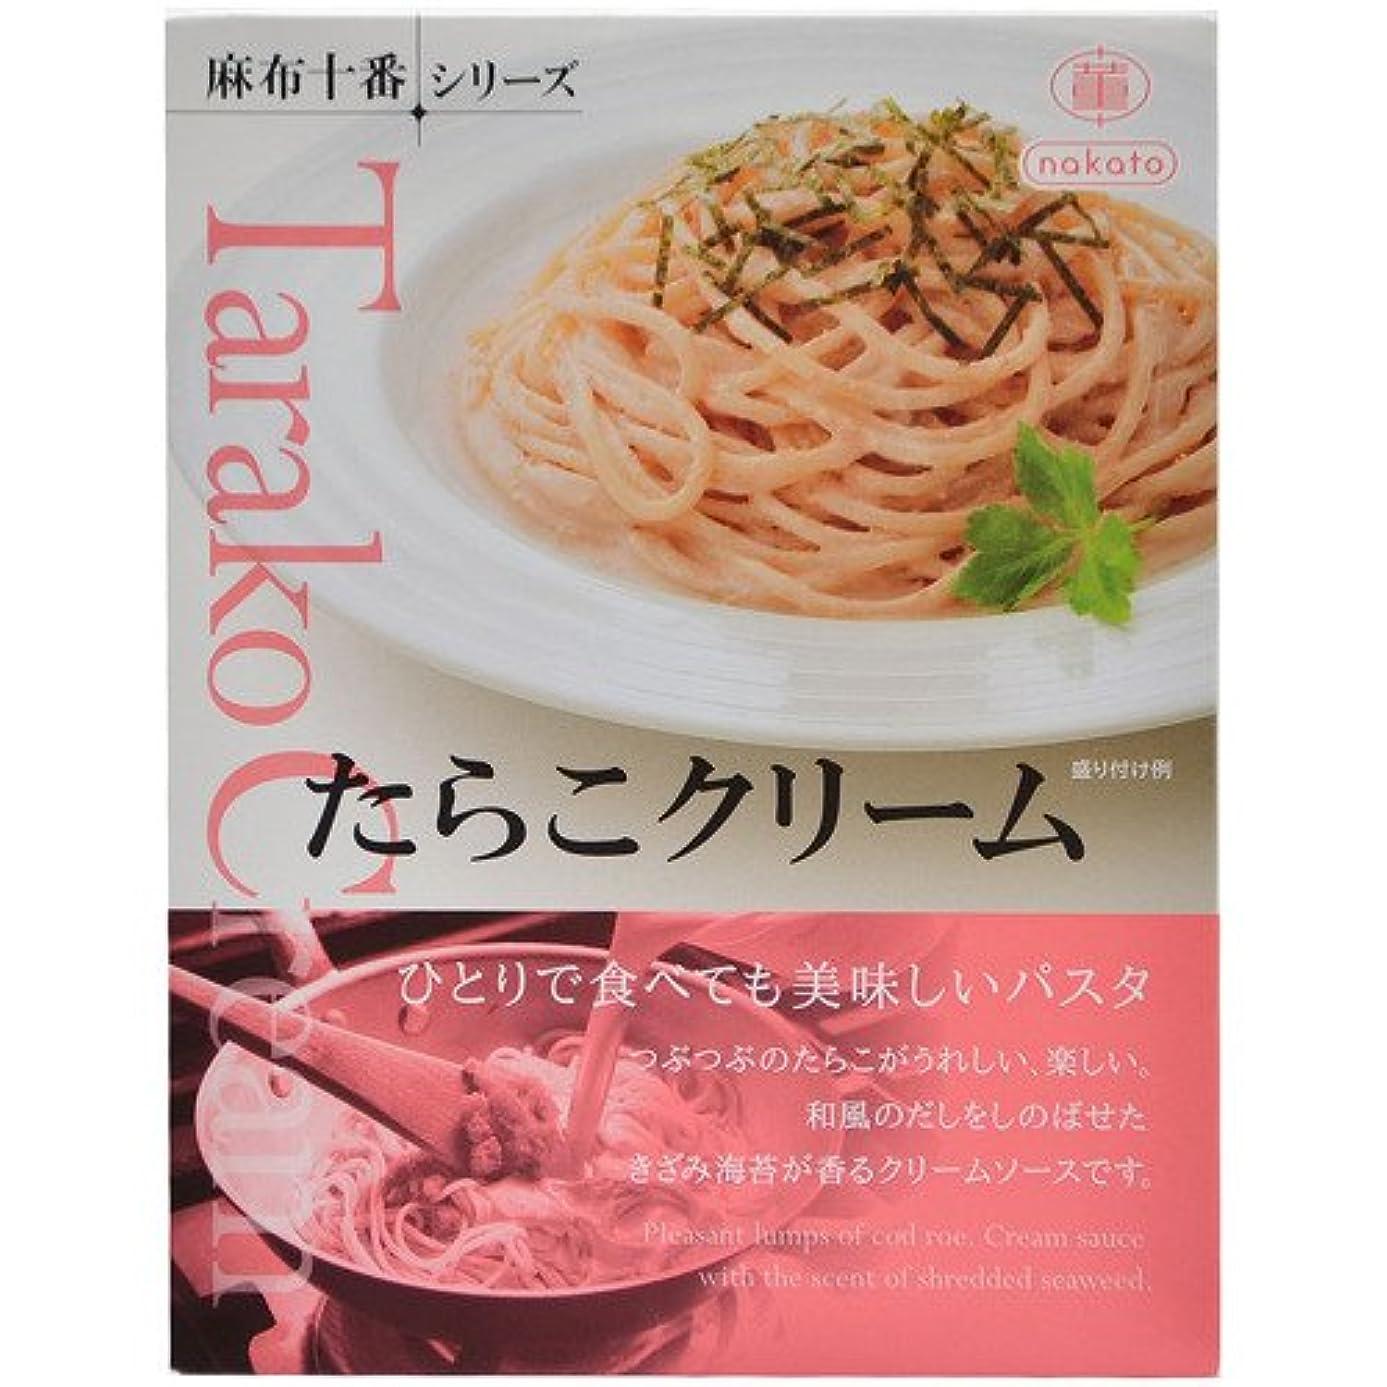 面白いミス理想的nakato麻布十番シリーズ たらこクリーム 110g